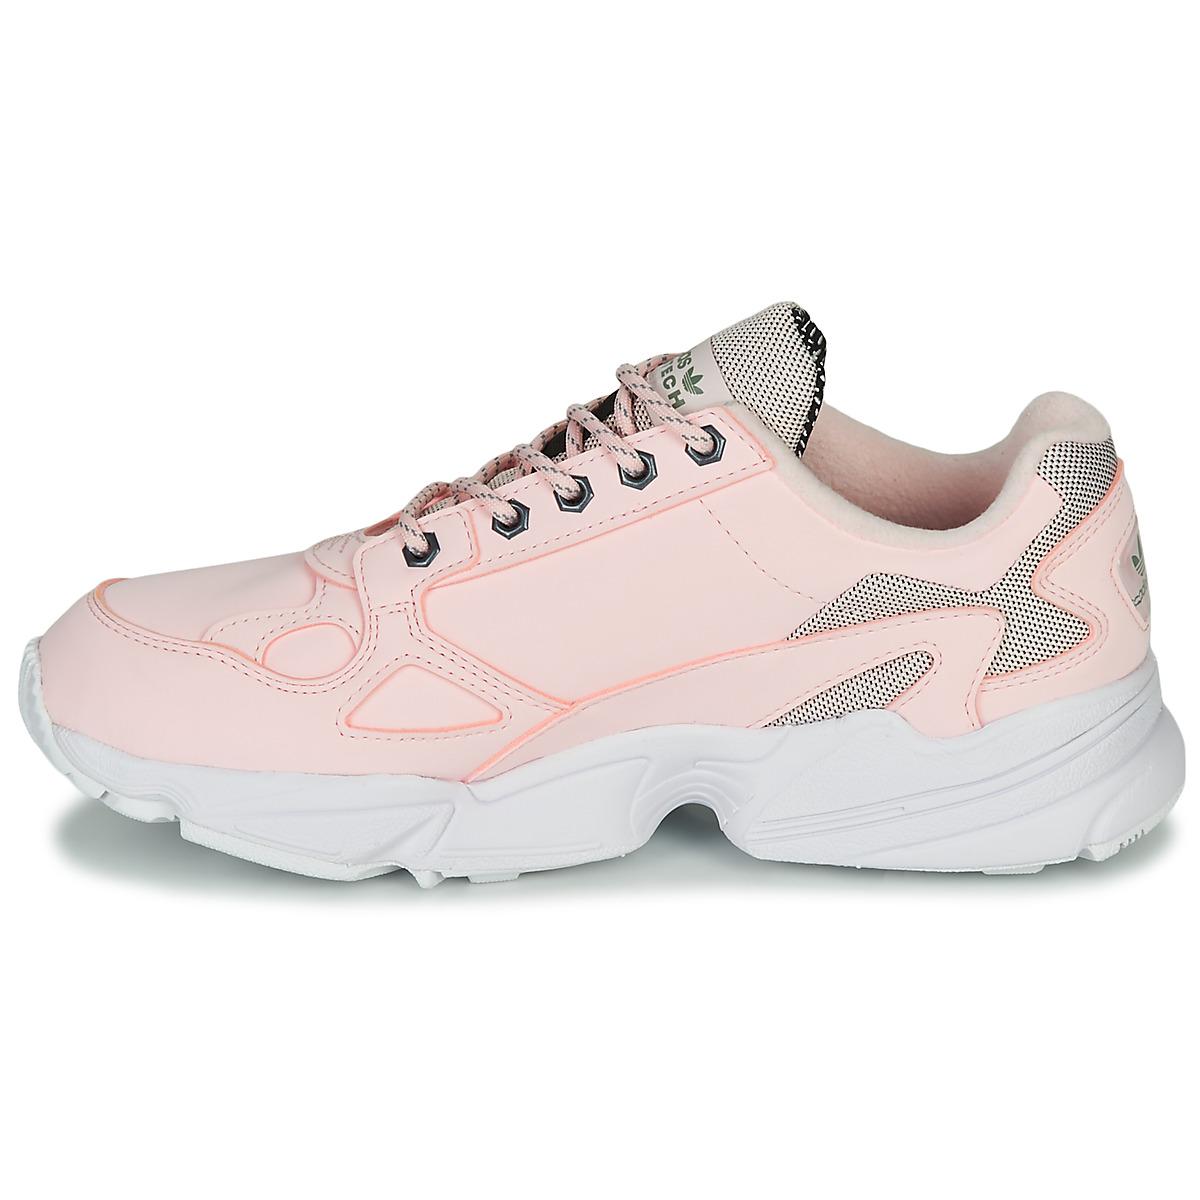 阿迪达斯三叶草 adidas 女鞋 耐磨运动鞋时尚潮流休闲鞋 FV4660